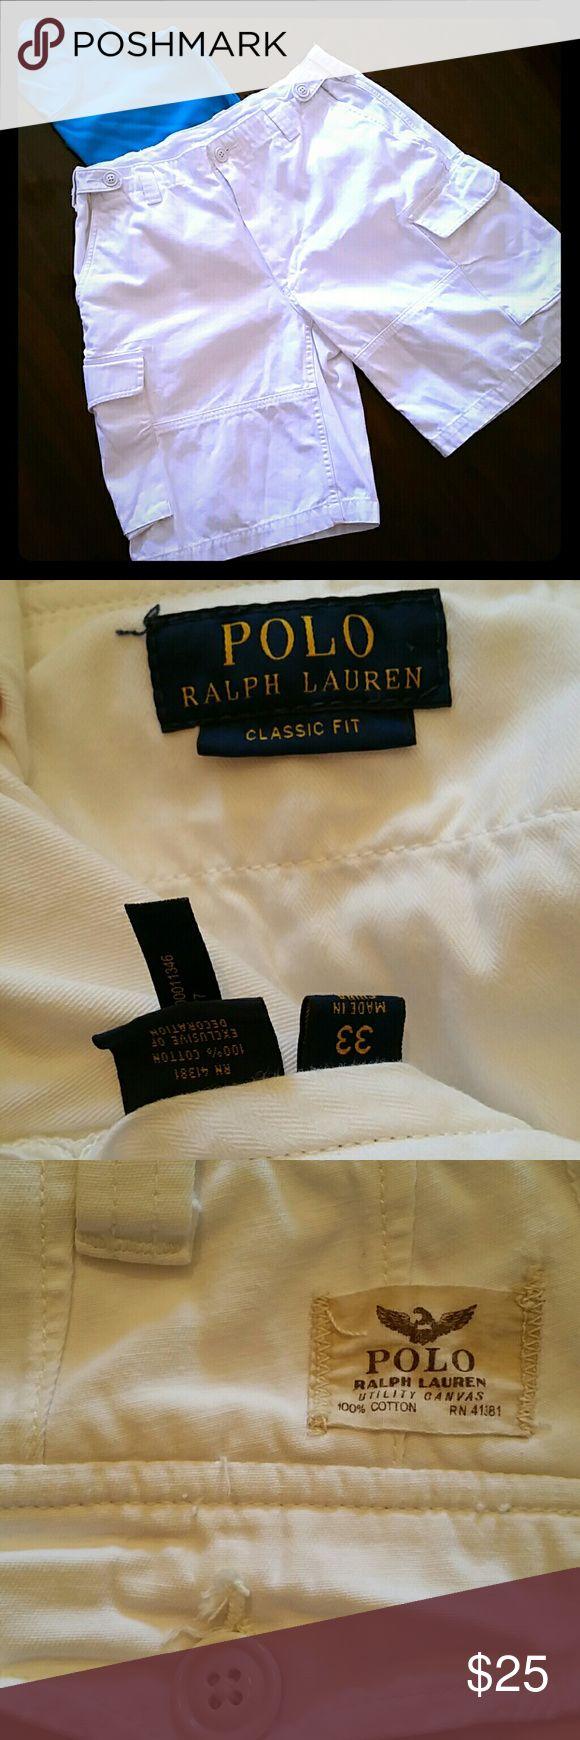 Polo shorts for men Polo shorts, men size 33, 6 pocket cargo shorts Polo by Ralph Lauren Shorts Cargo